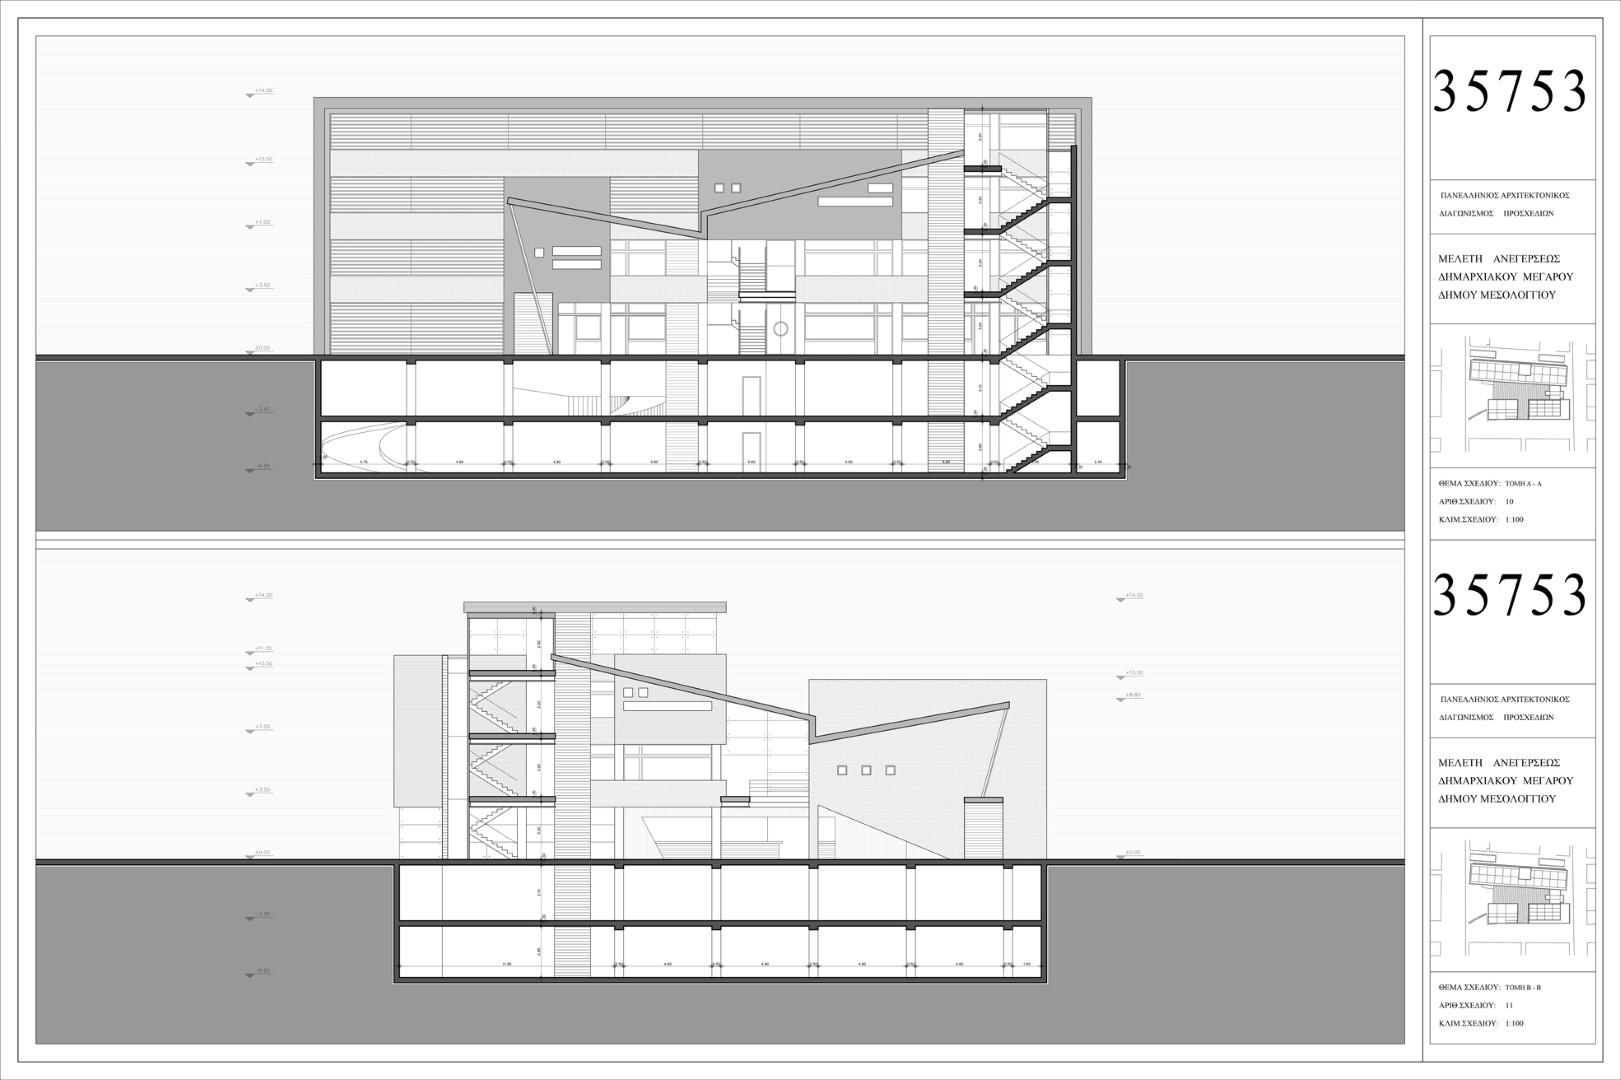 Πανελλήνιος Αρχιτεκτονικός Διαγωνισμός με θέμα Ανέγερση Δημαρχιακού Μεγάρου Δήμου Μεσολογγίου